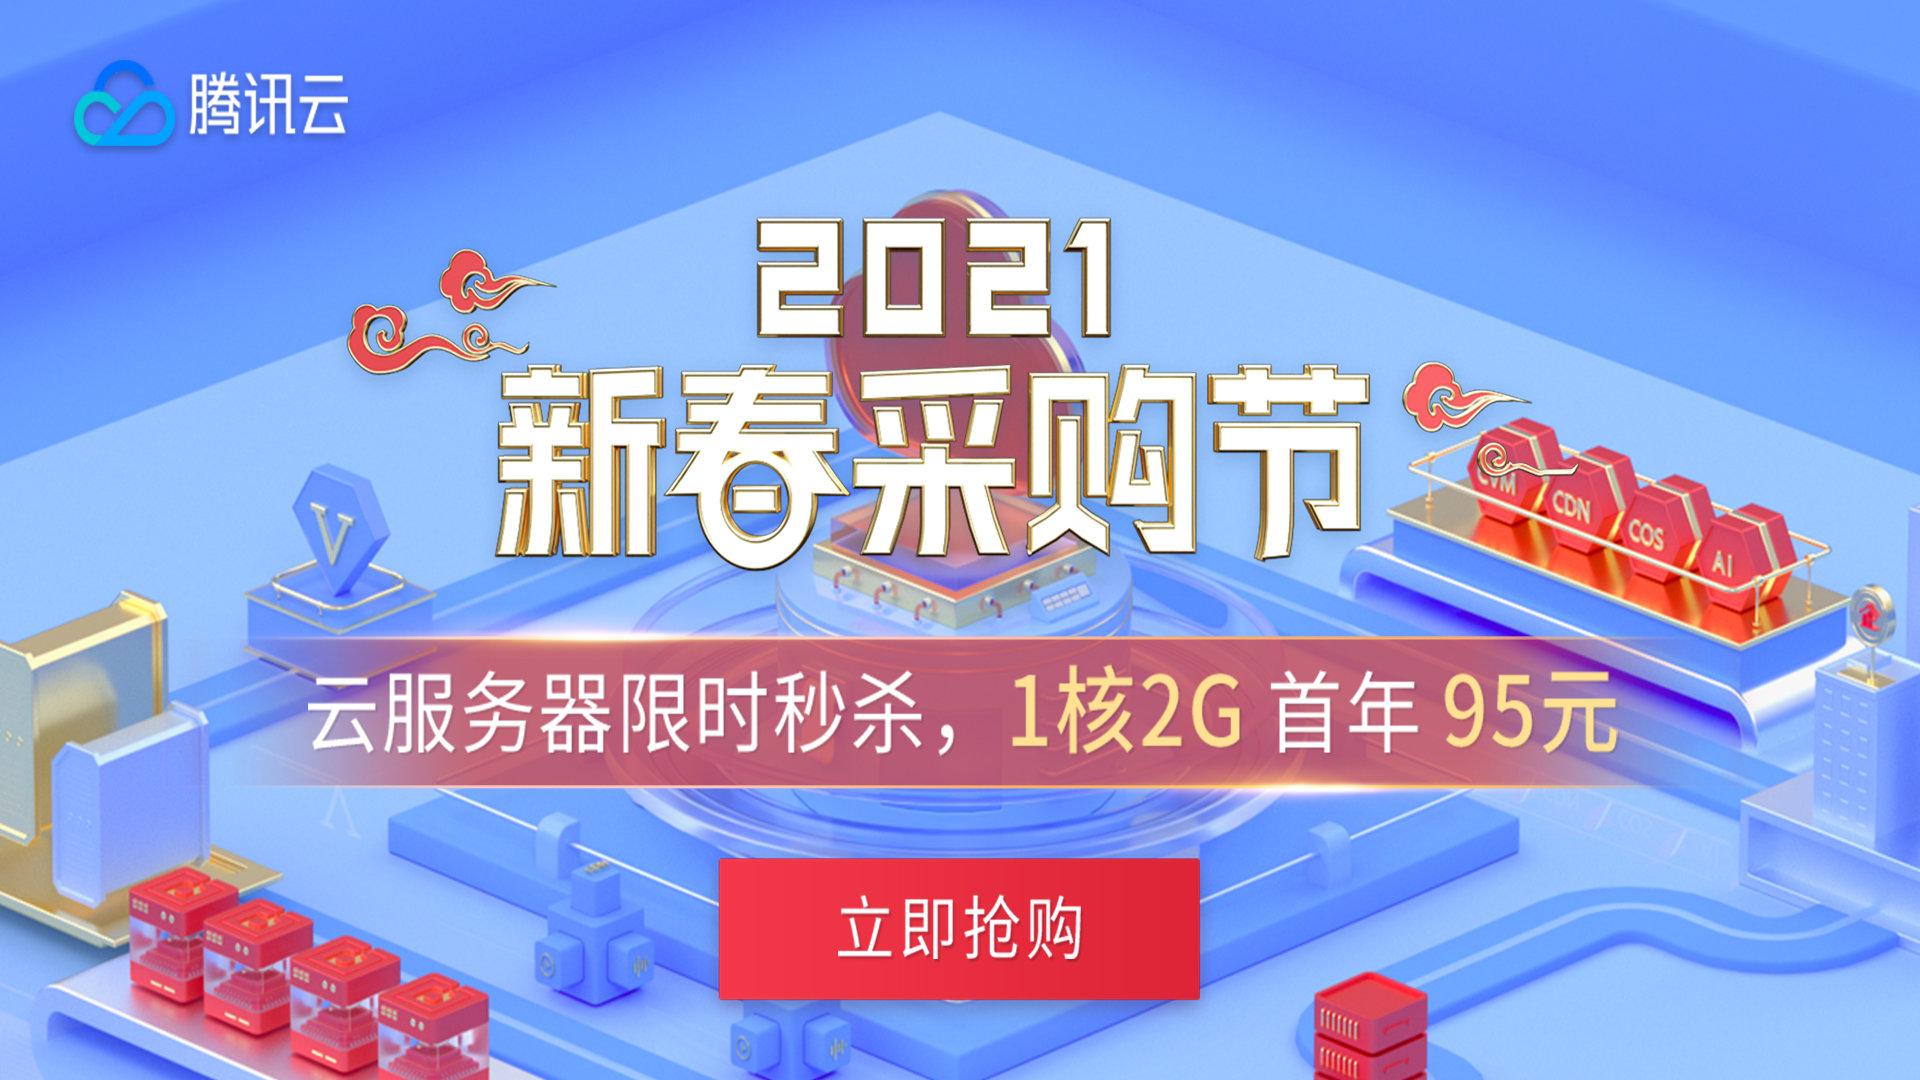 2021新春采购节活动开启,领券够云产品更优惠 - 腾讯云租用